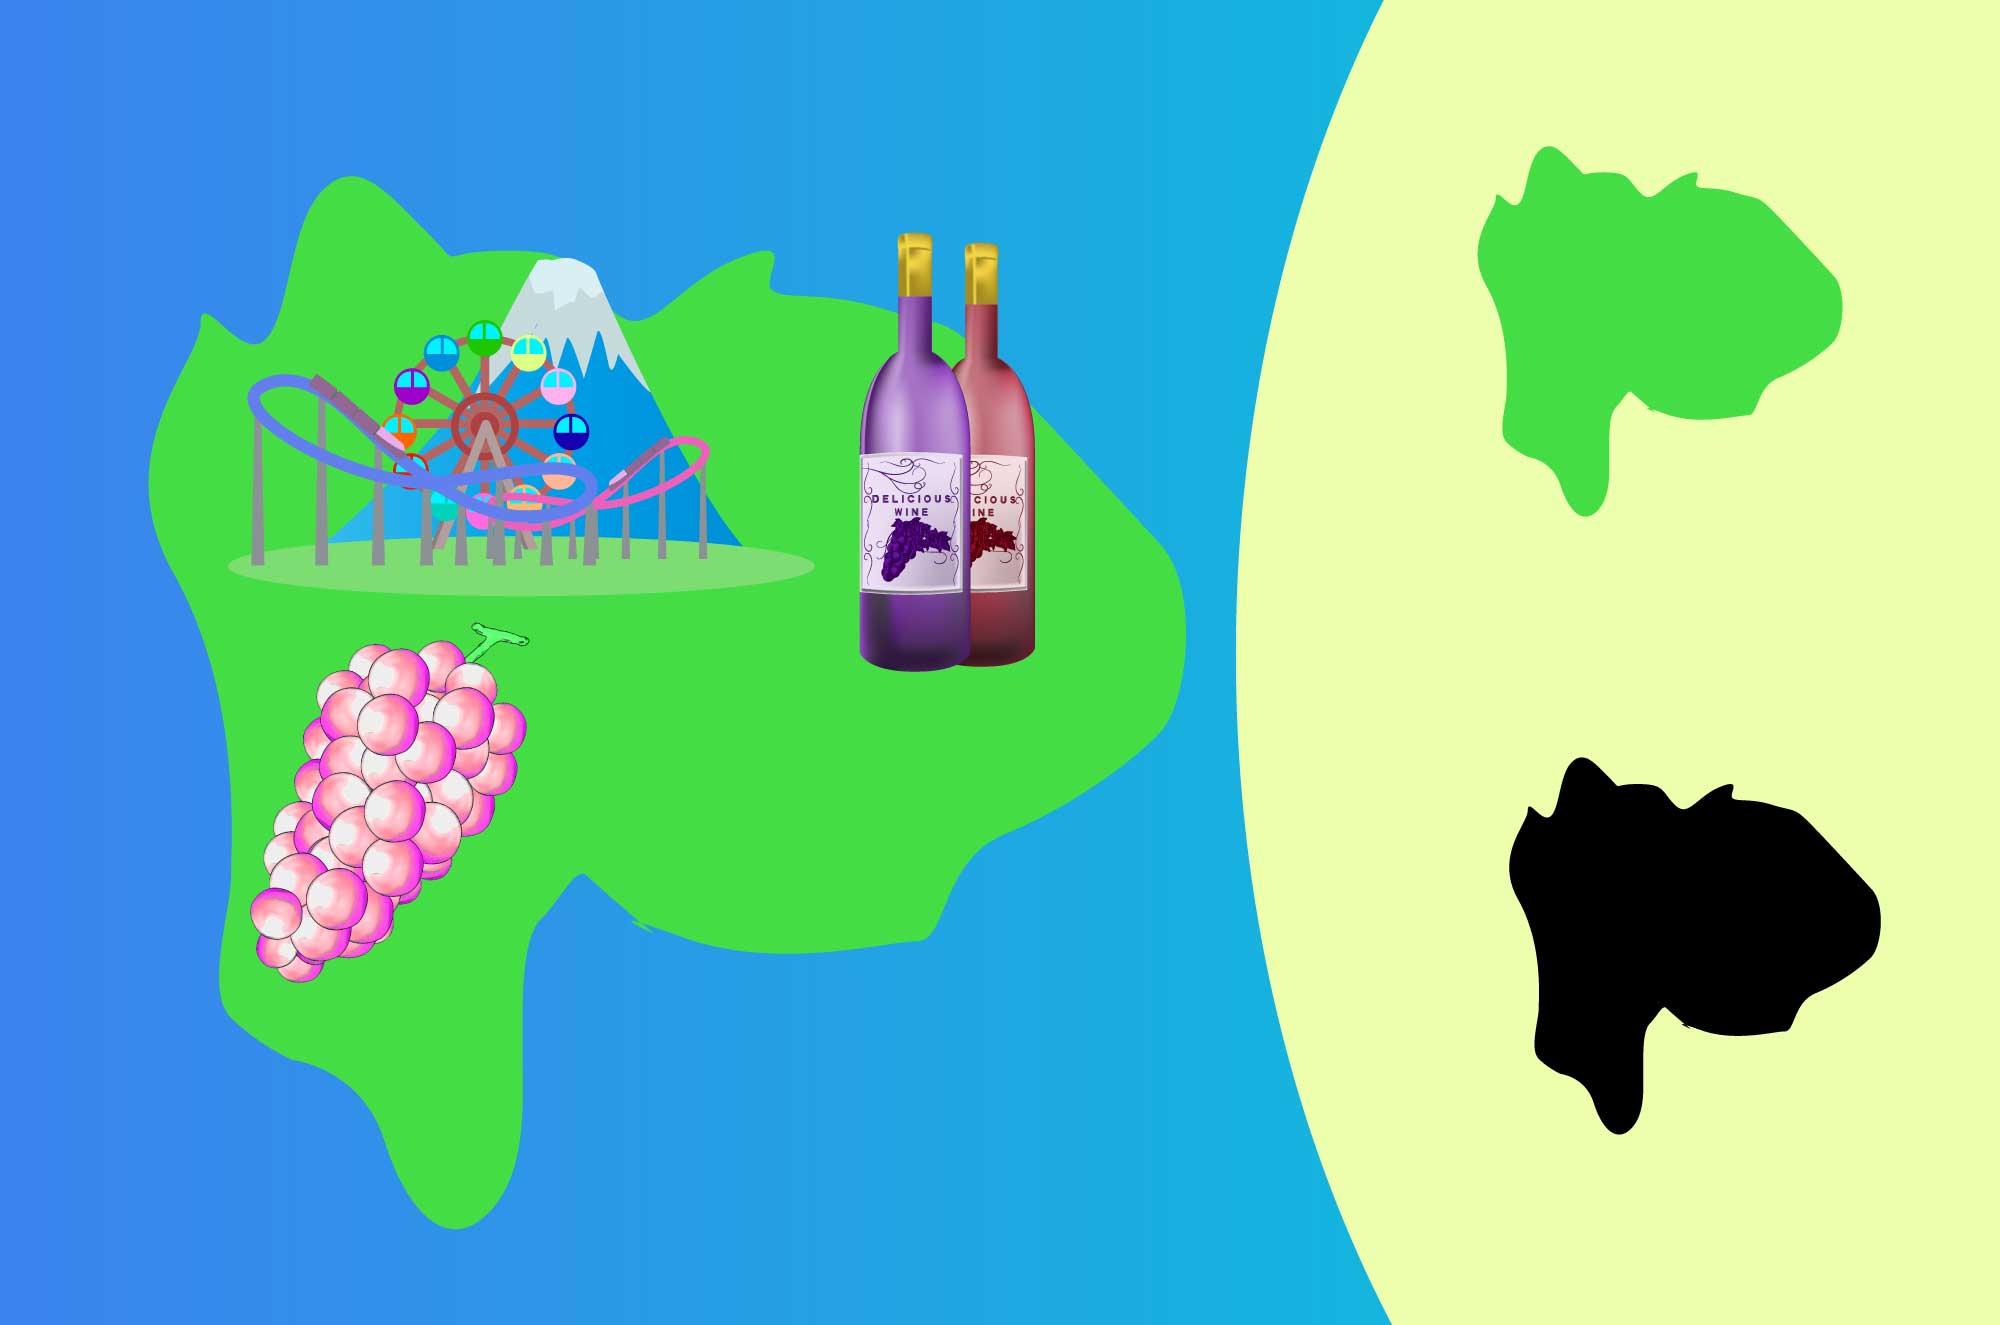 山梨のイラスト - ぶどう・ワイン名産と地図の素材